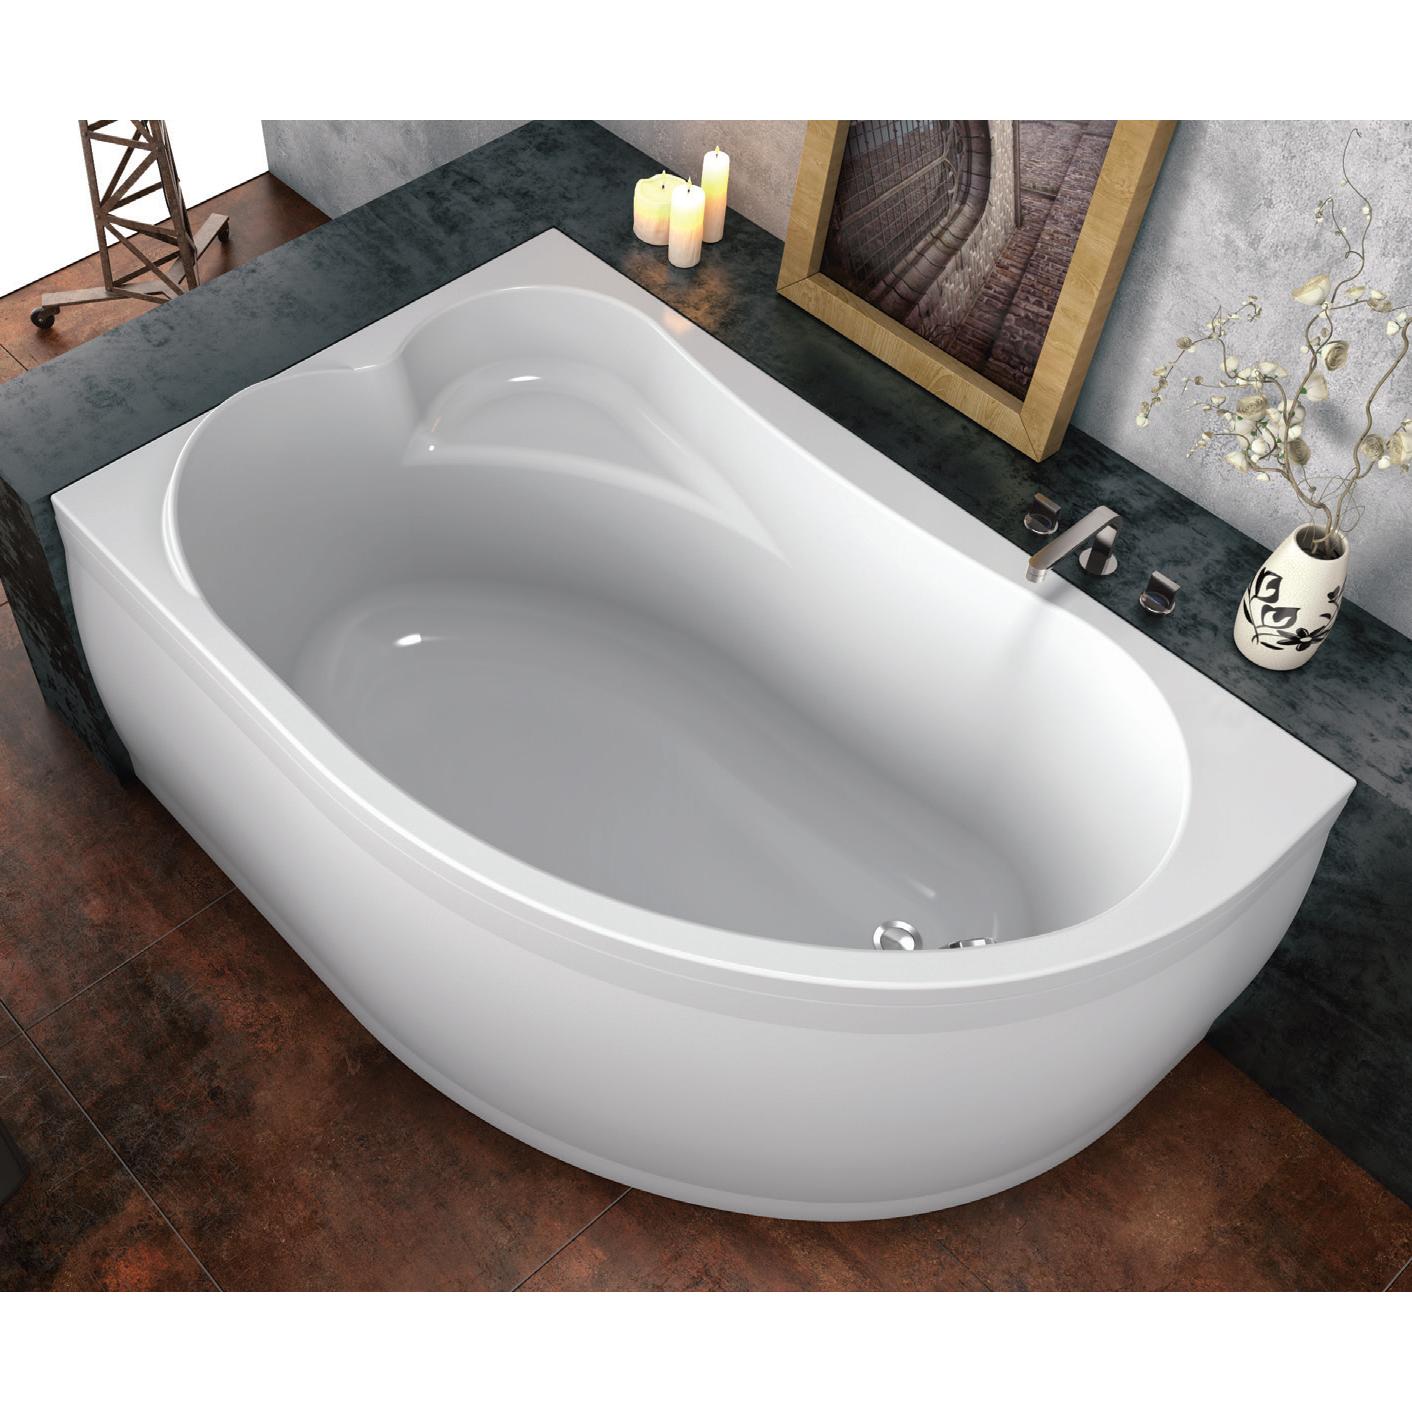 Акриловая ванна kolpa Voice Basis R акриловая ванна kolpa rapido rapido basis 180 180x80